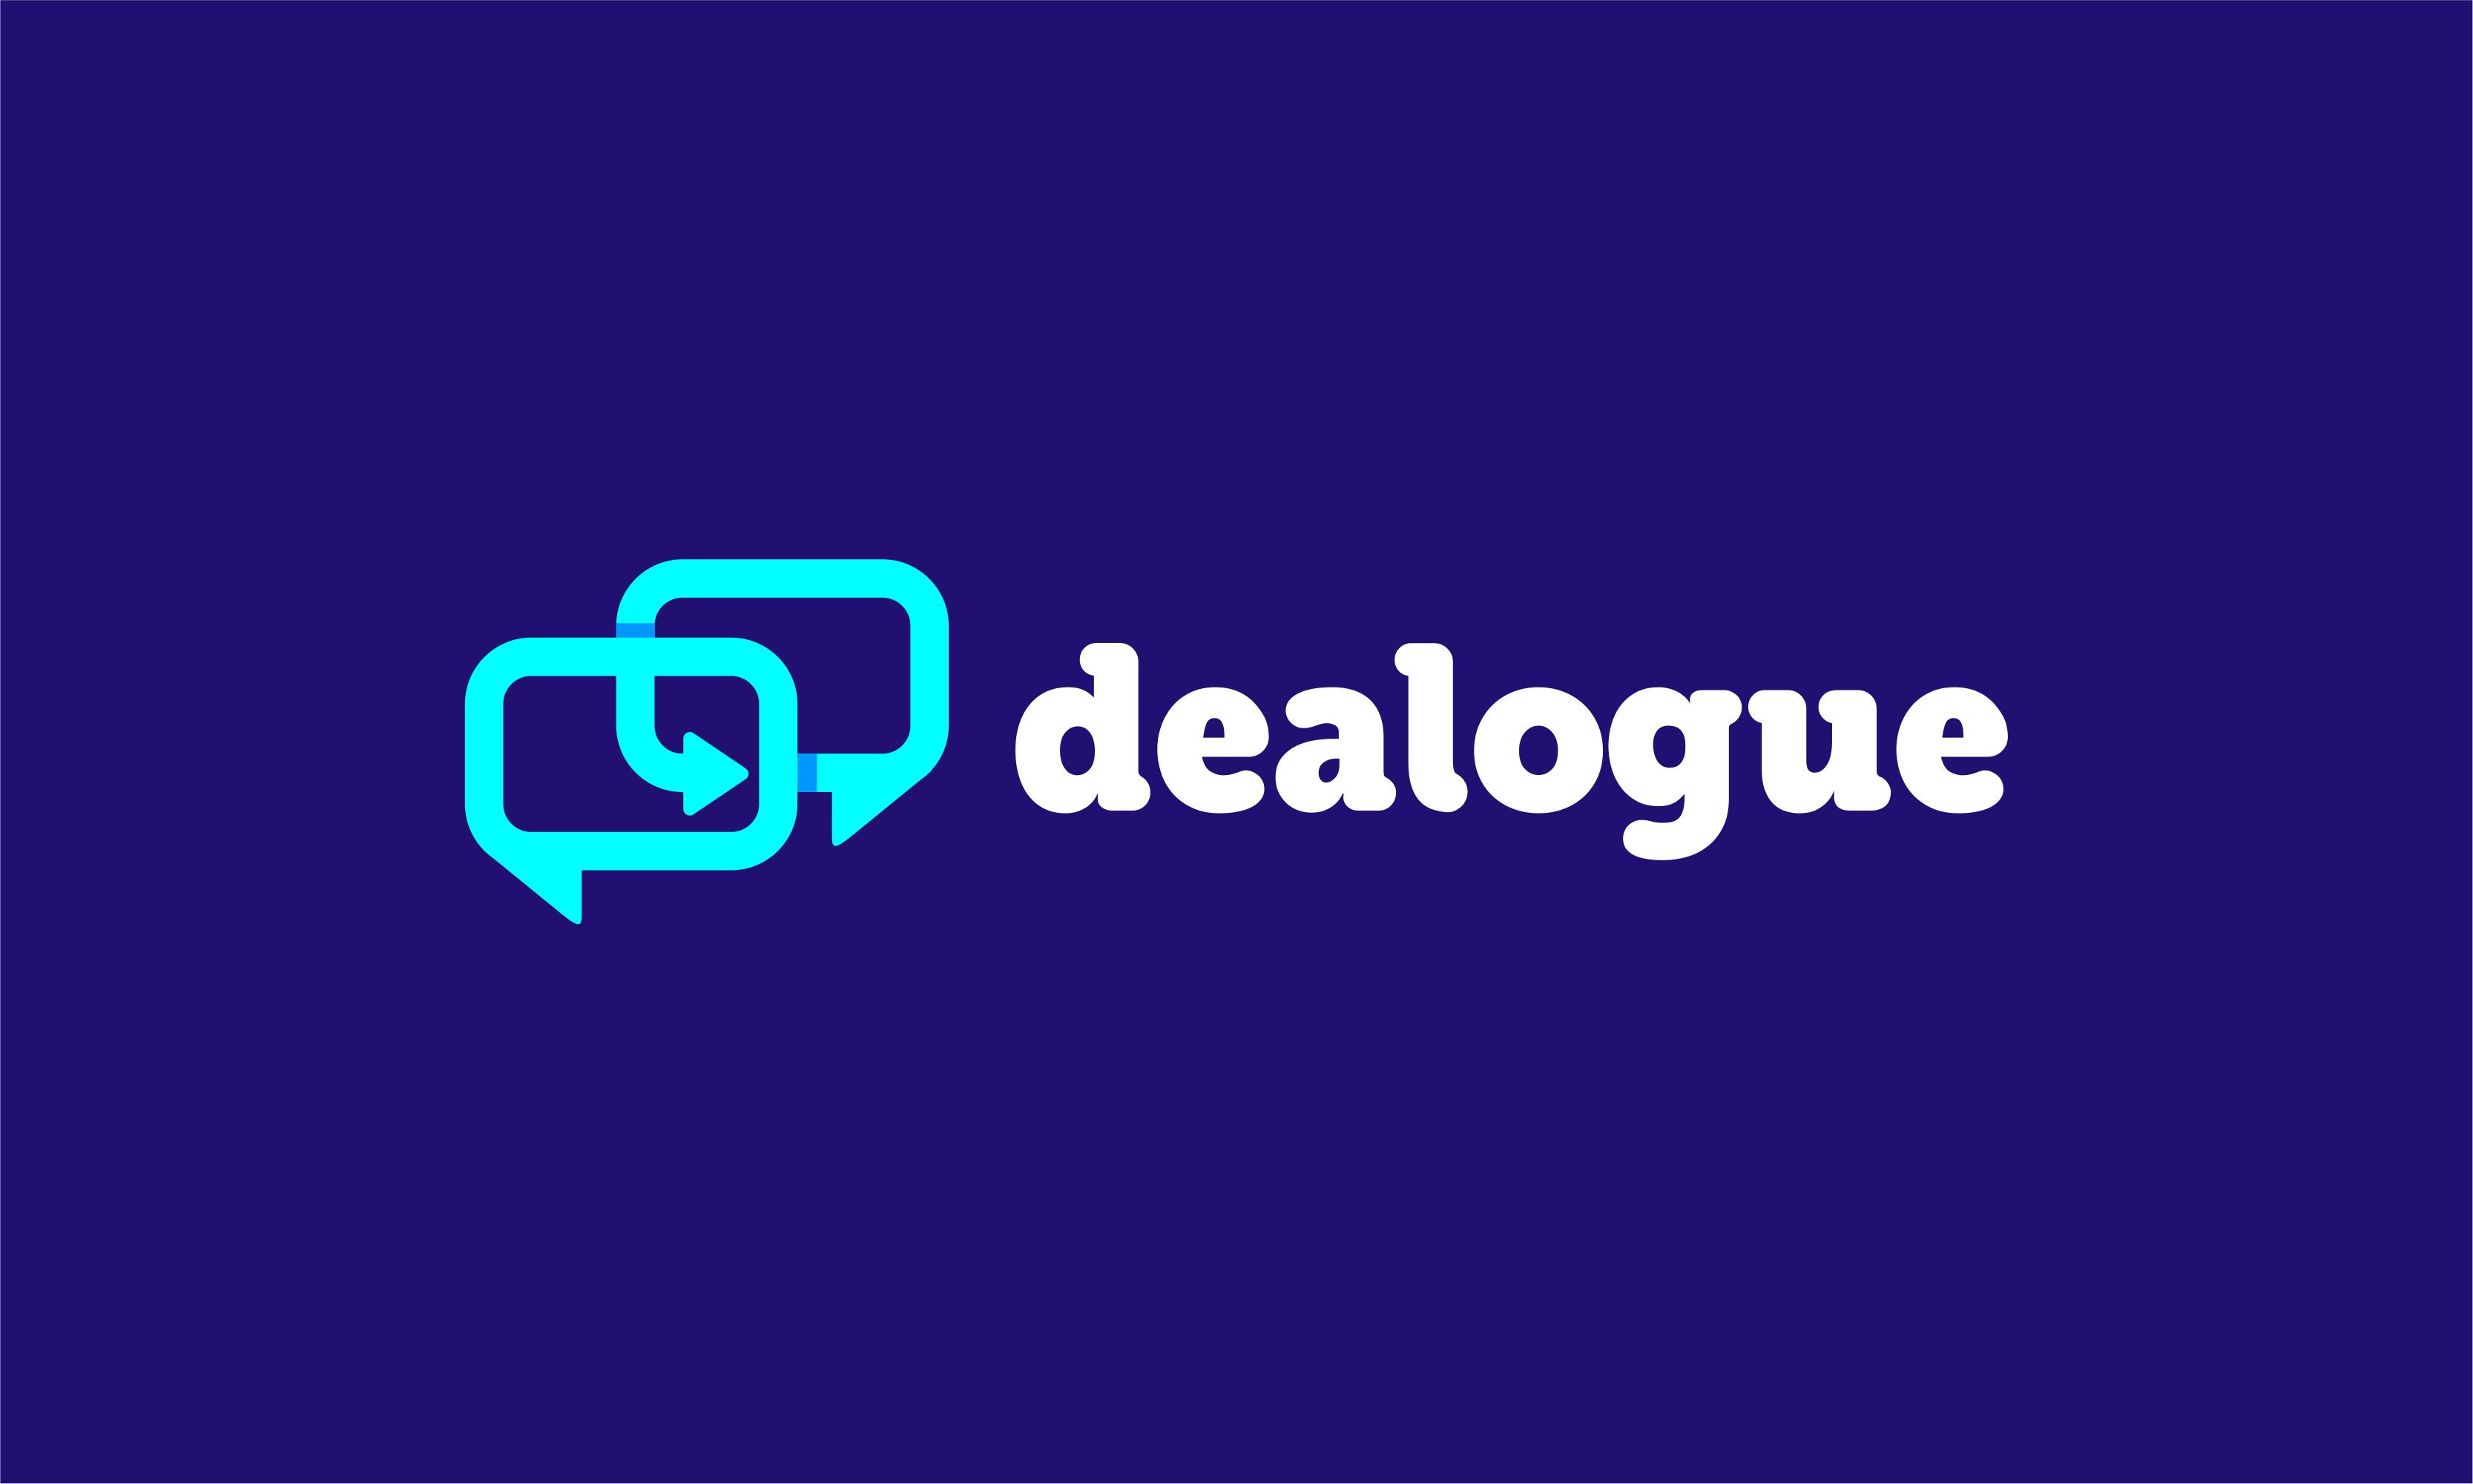 Dealogue